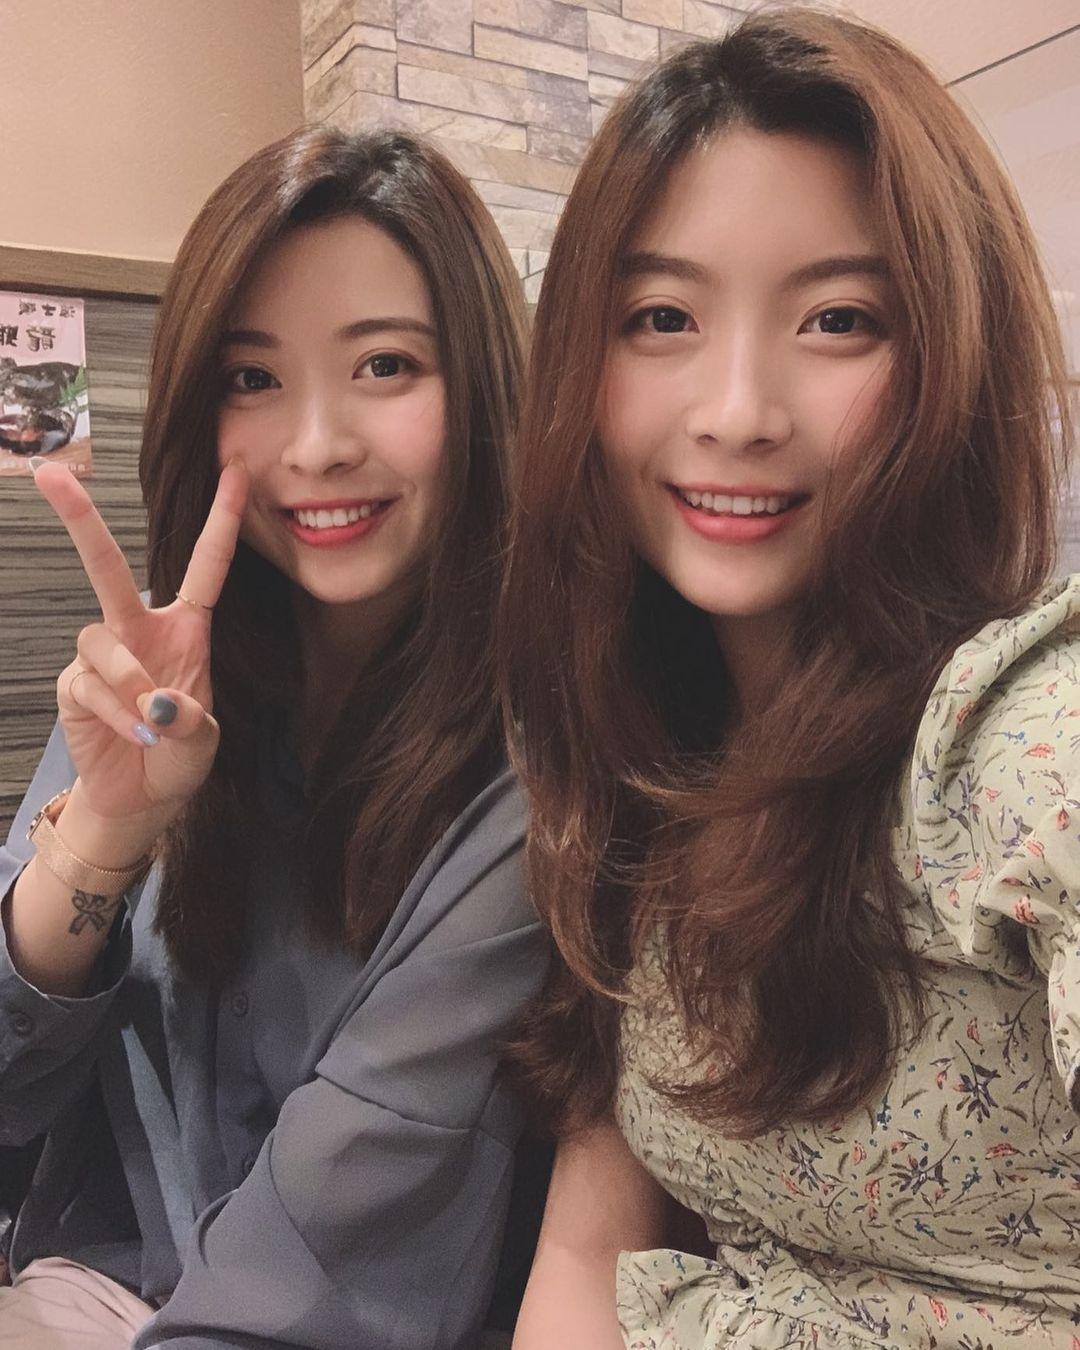 超正双胞胎姐妹身材一样火辣网友:要看胸口刺青才能分 养眼图片 第4张